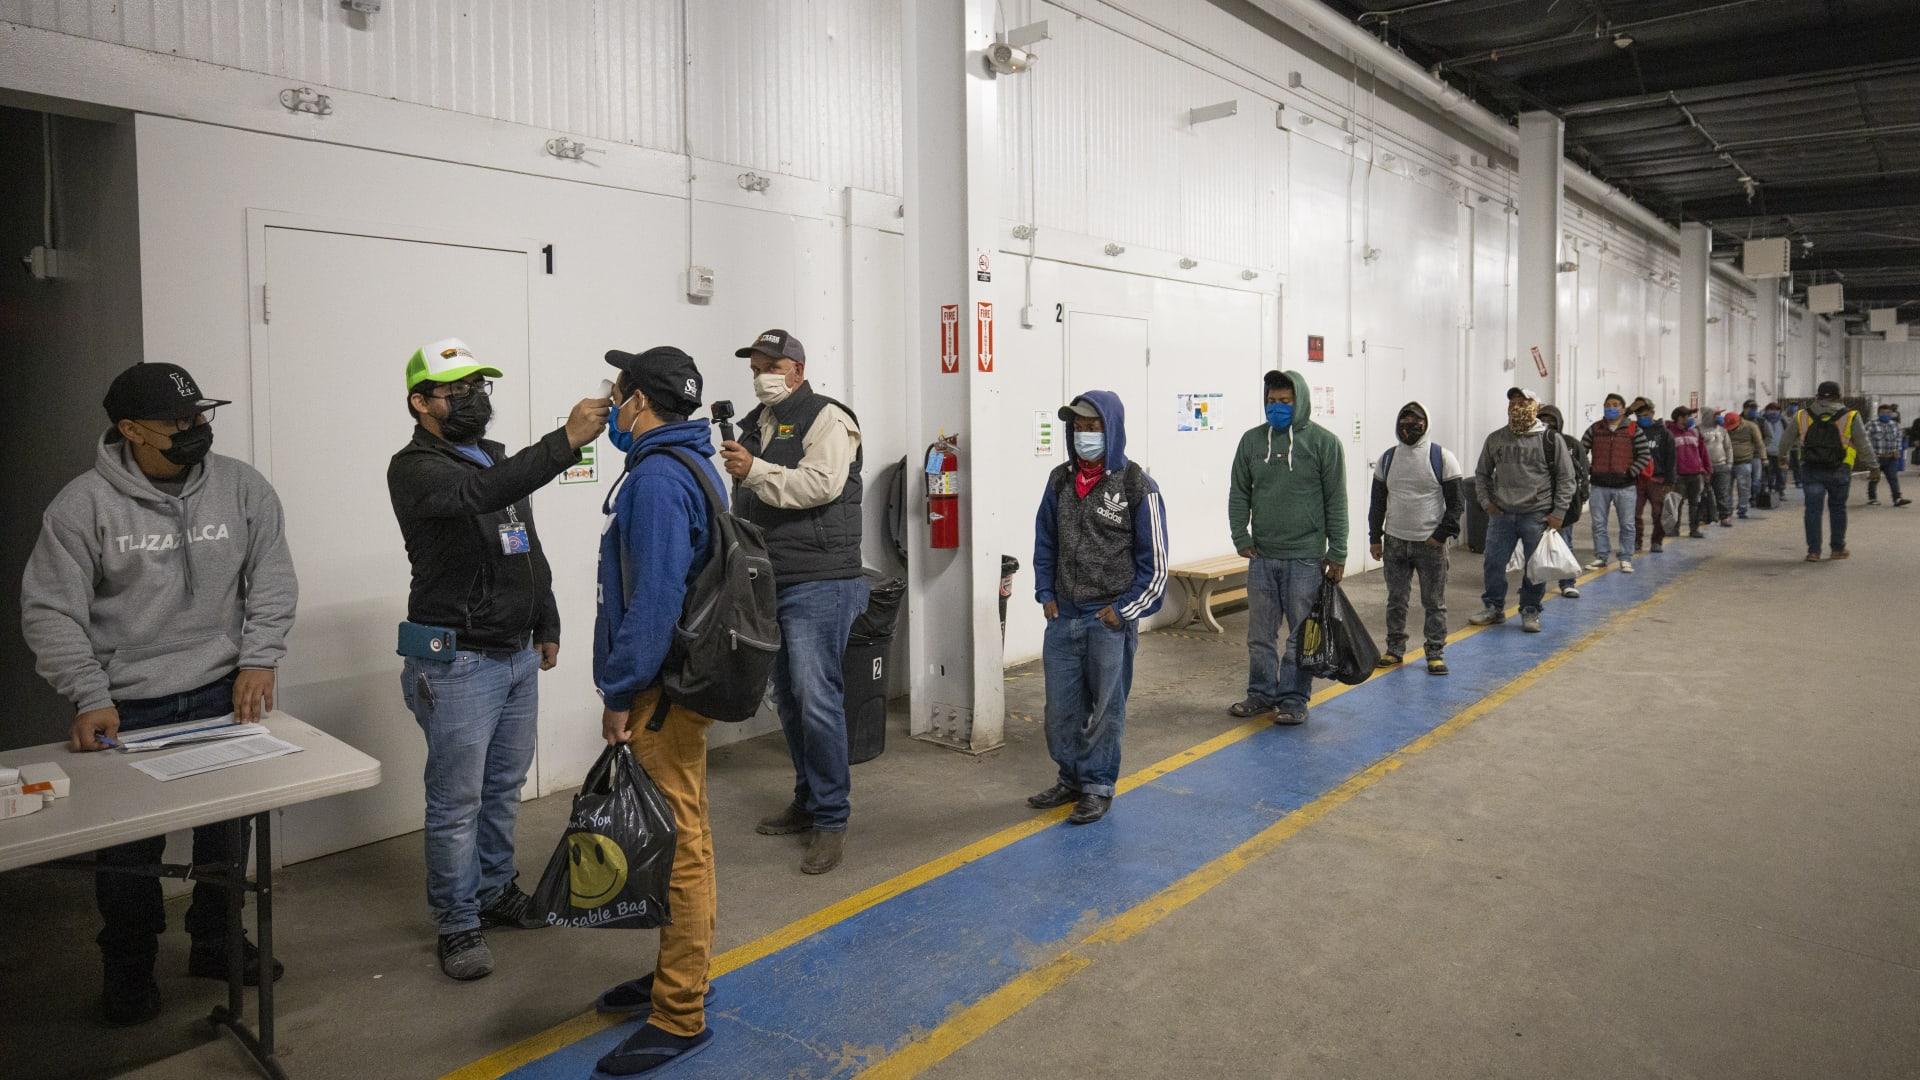 يشغلون وظائف حيوية.. العمالة المهاجرة حول العالم بالأرقام